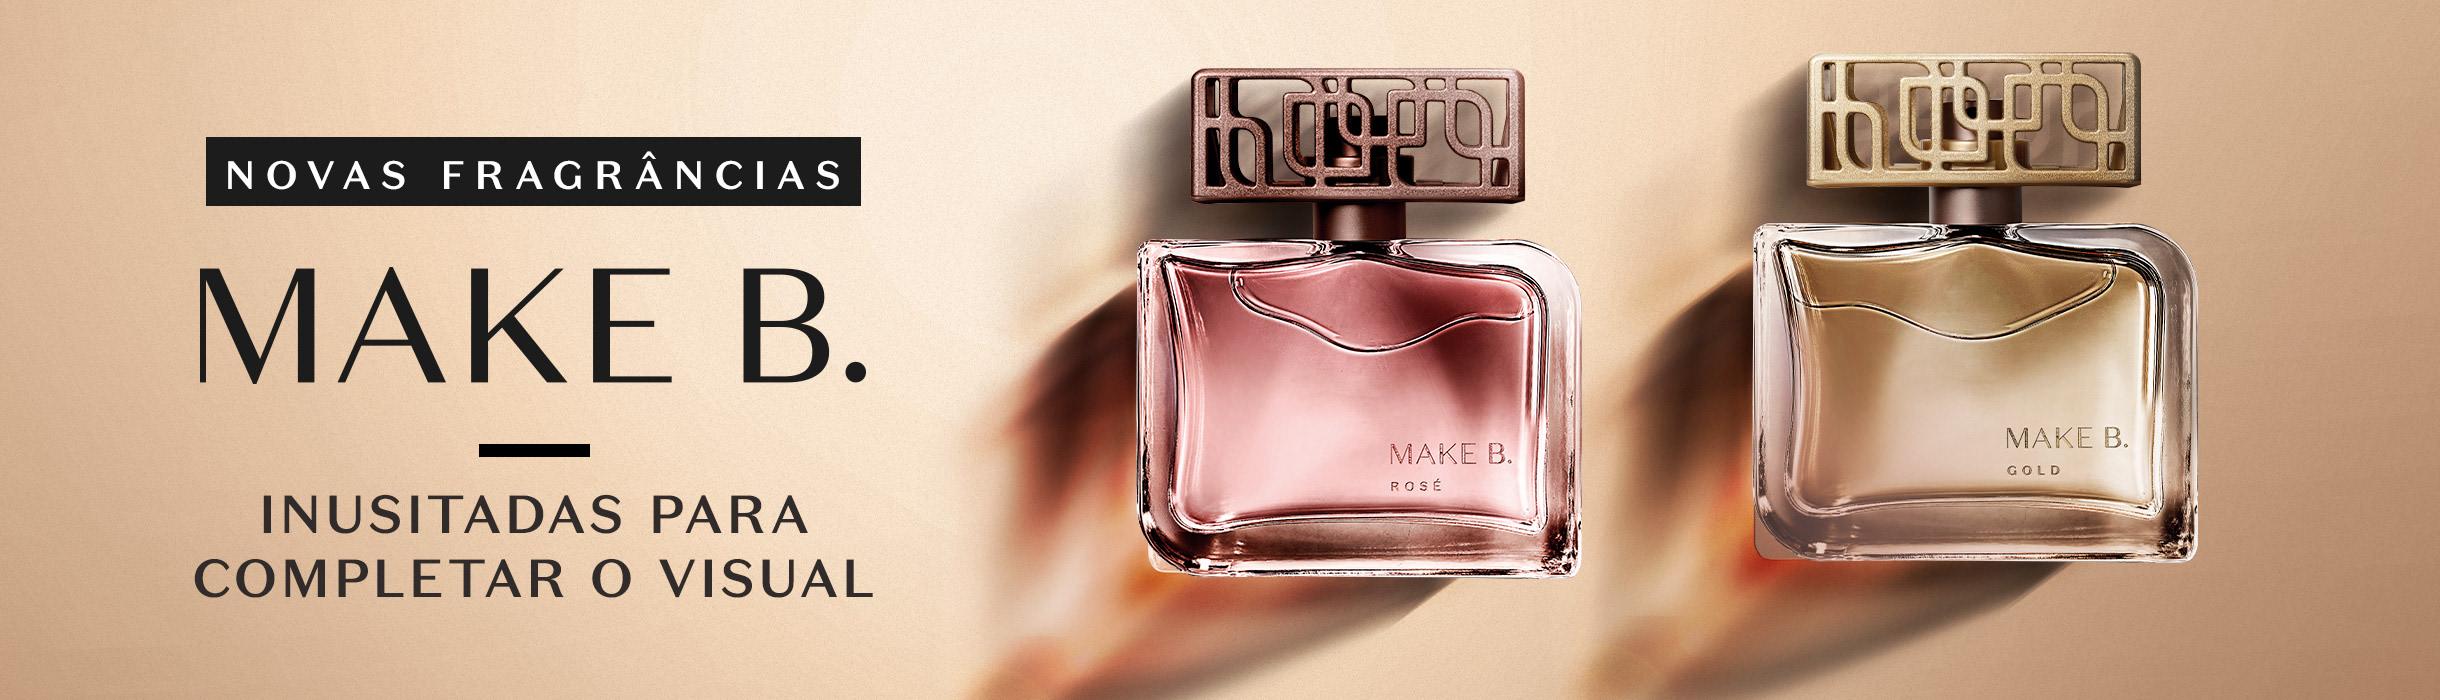 Make B. Perfumaria